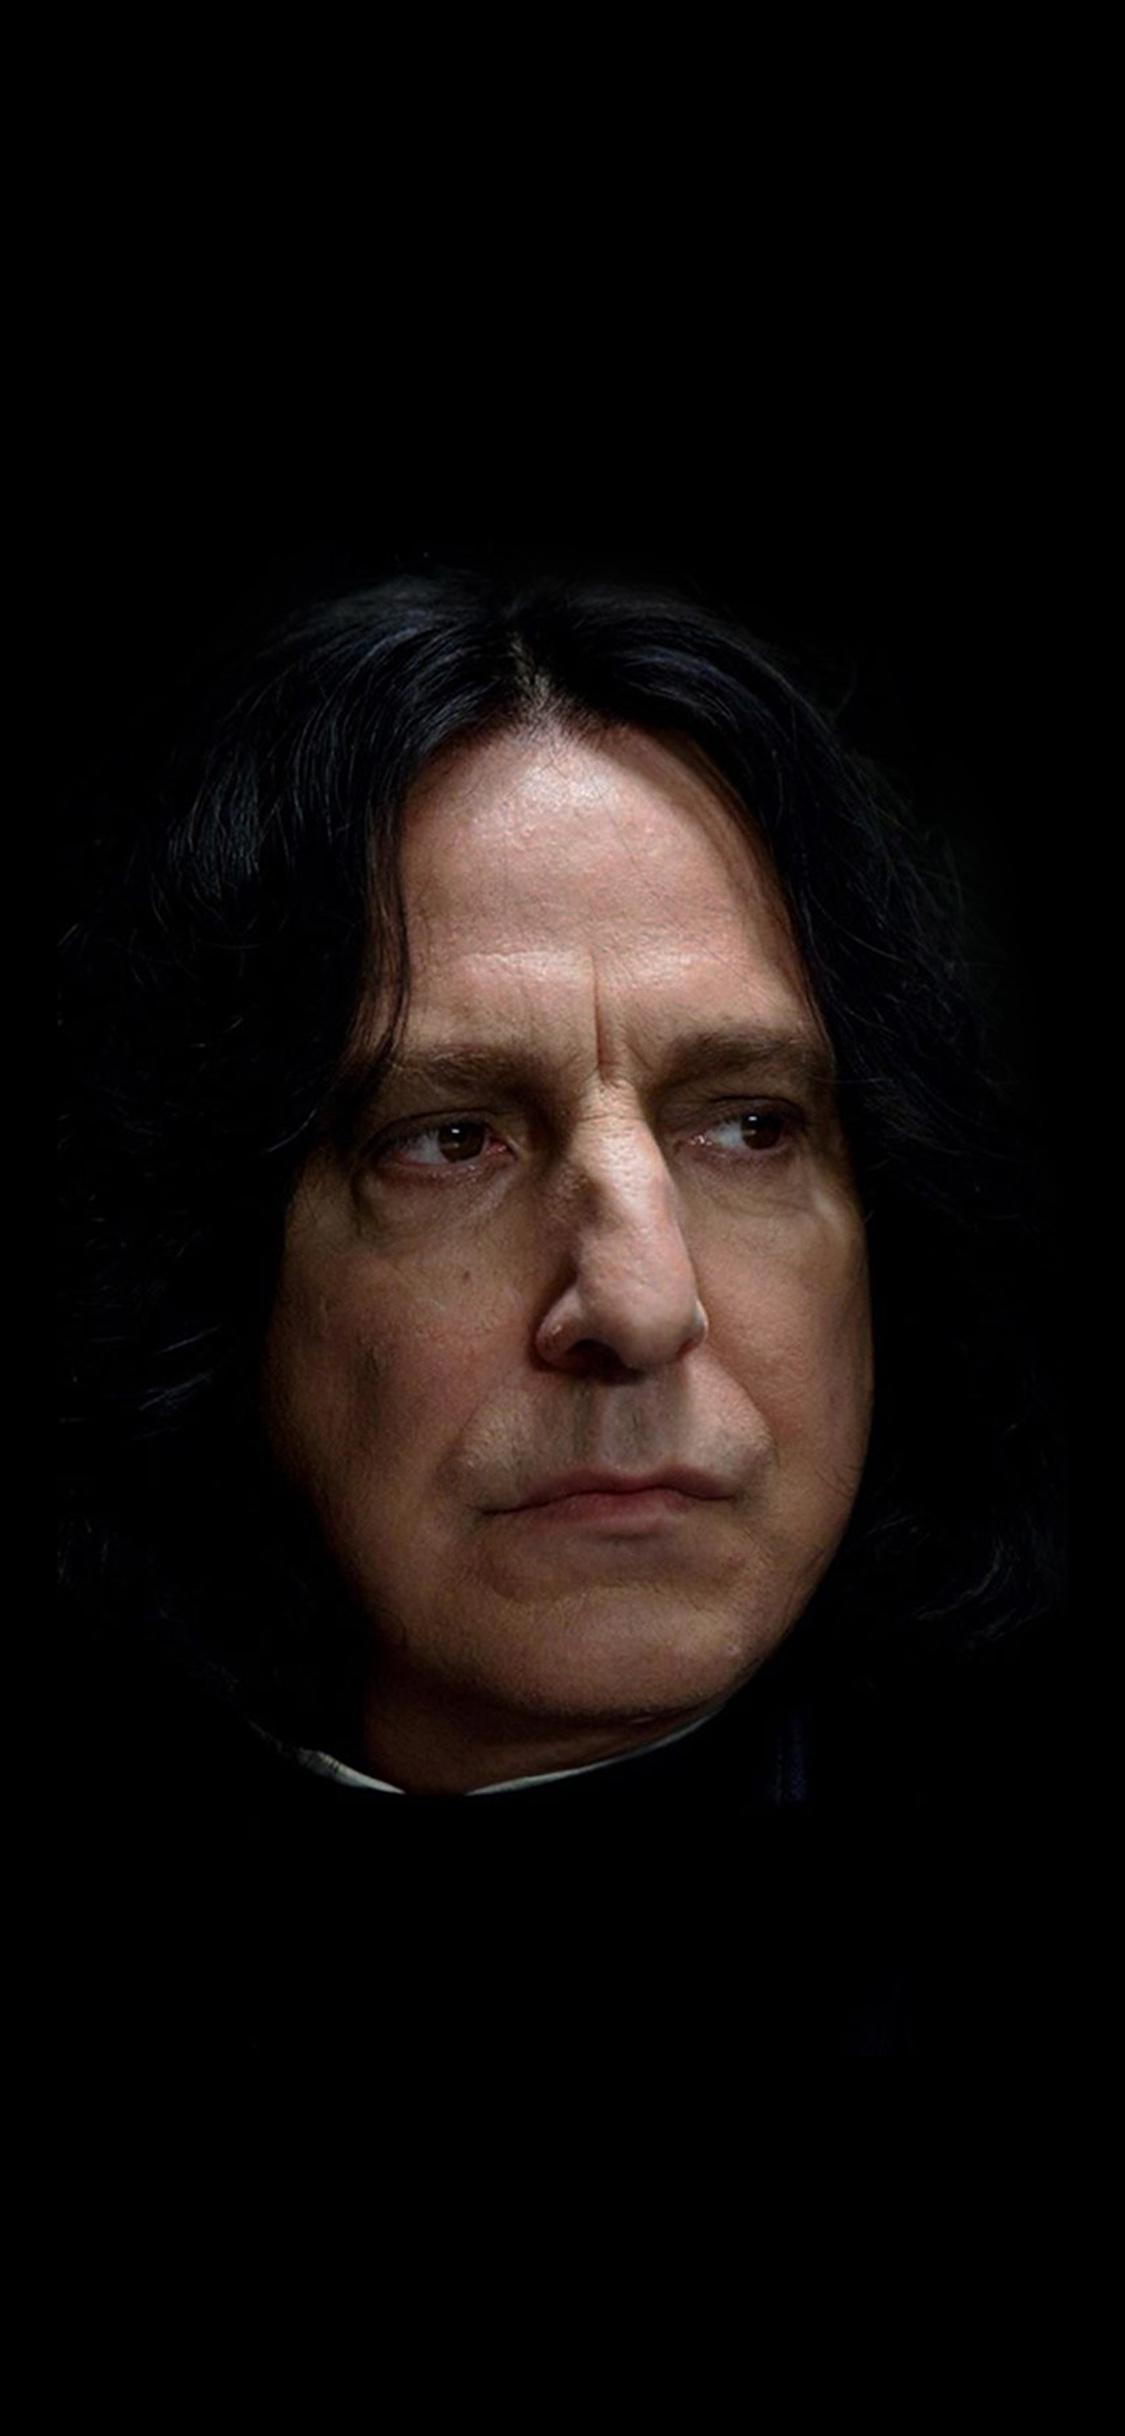 Iphonexpapers Hh31 Snape Harry Potter Alan Rickman Rip Dark